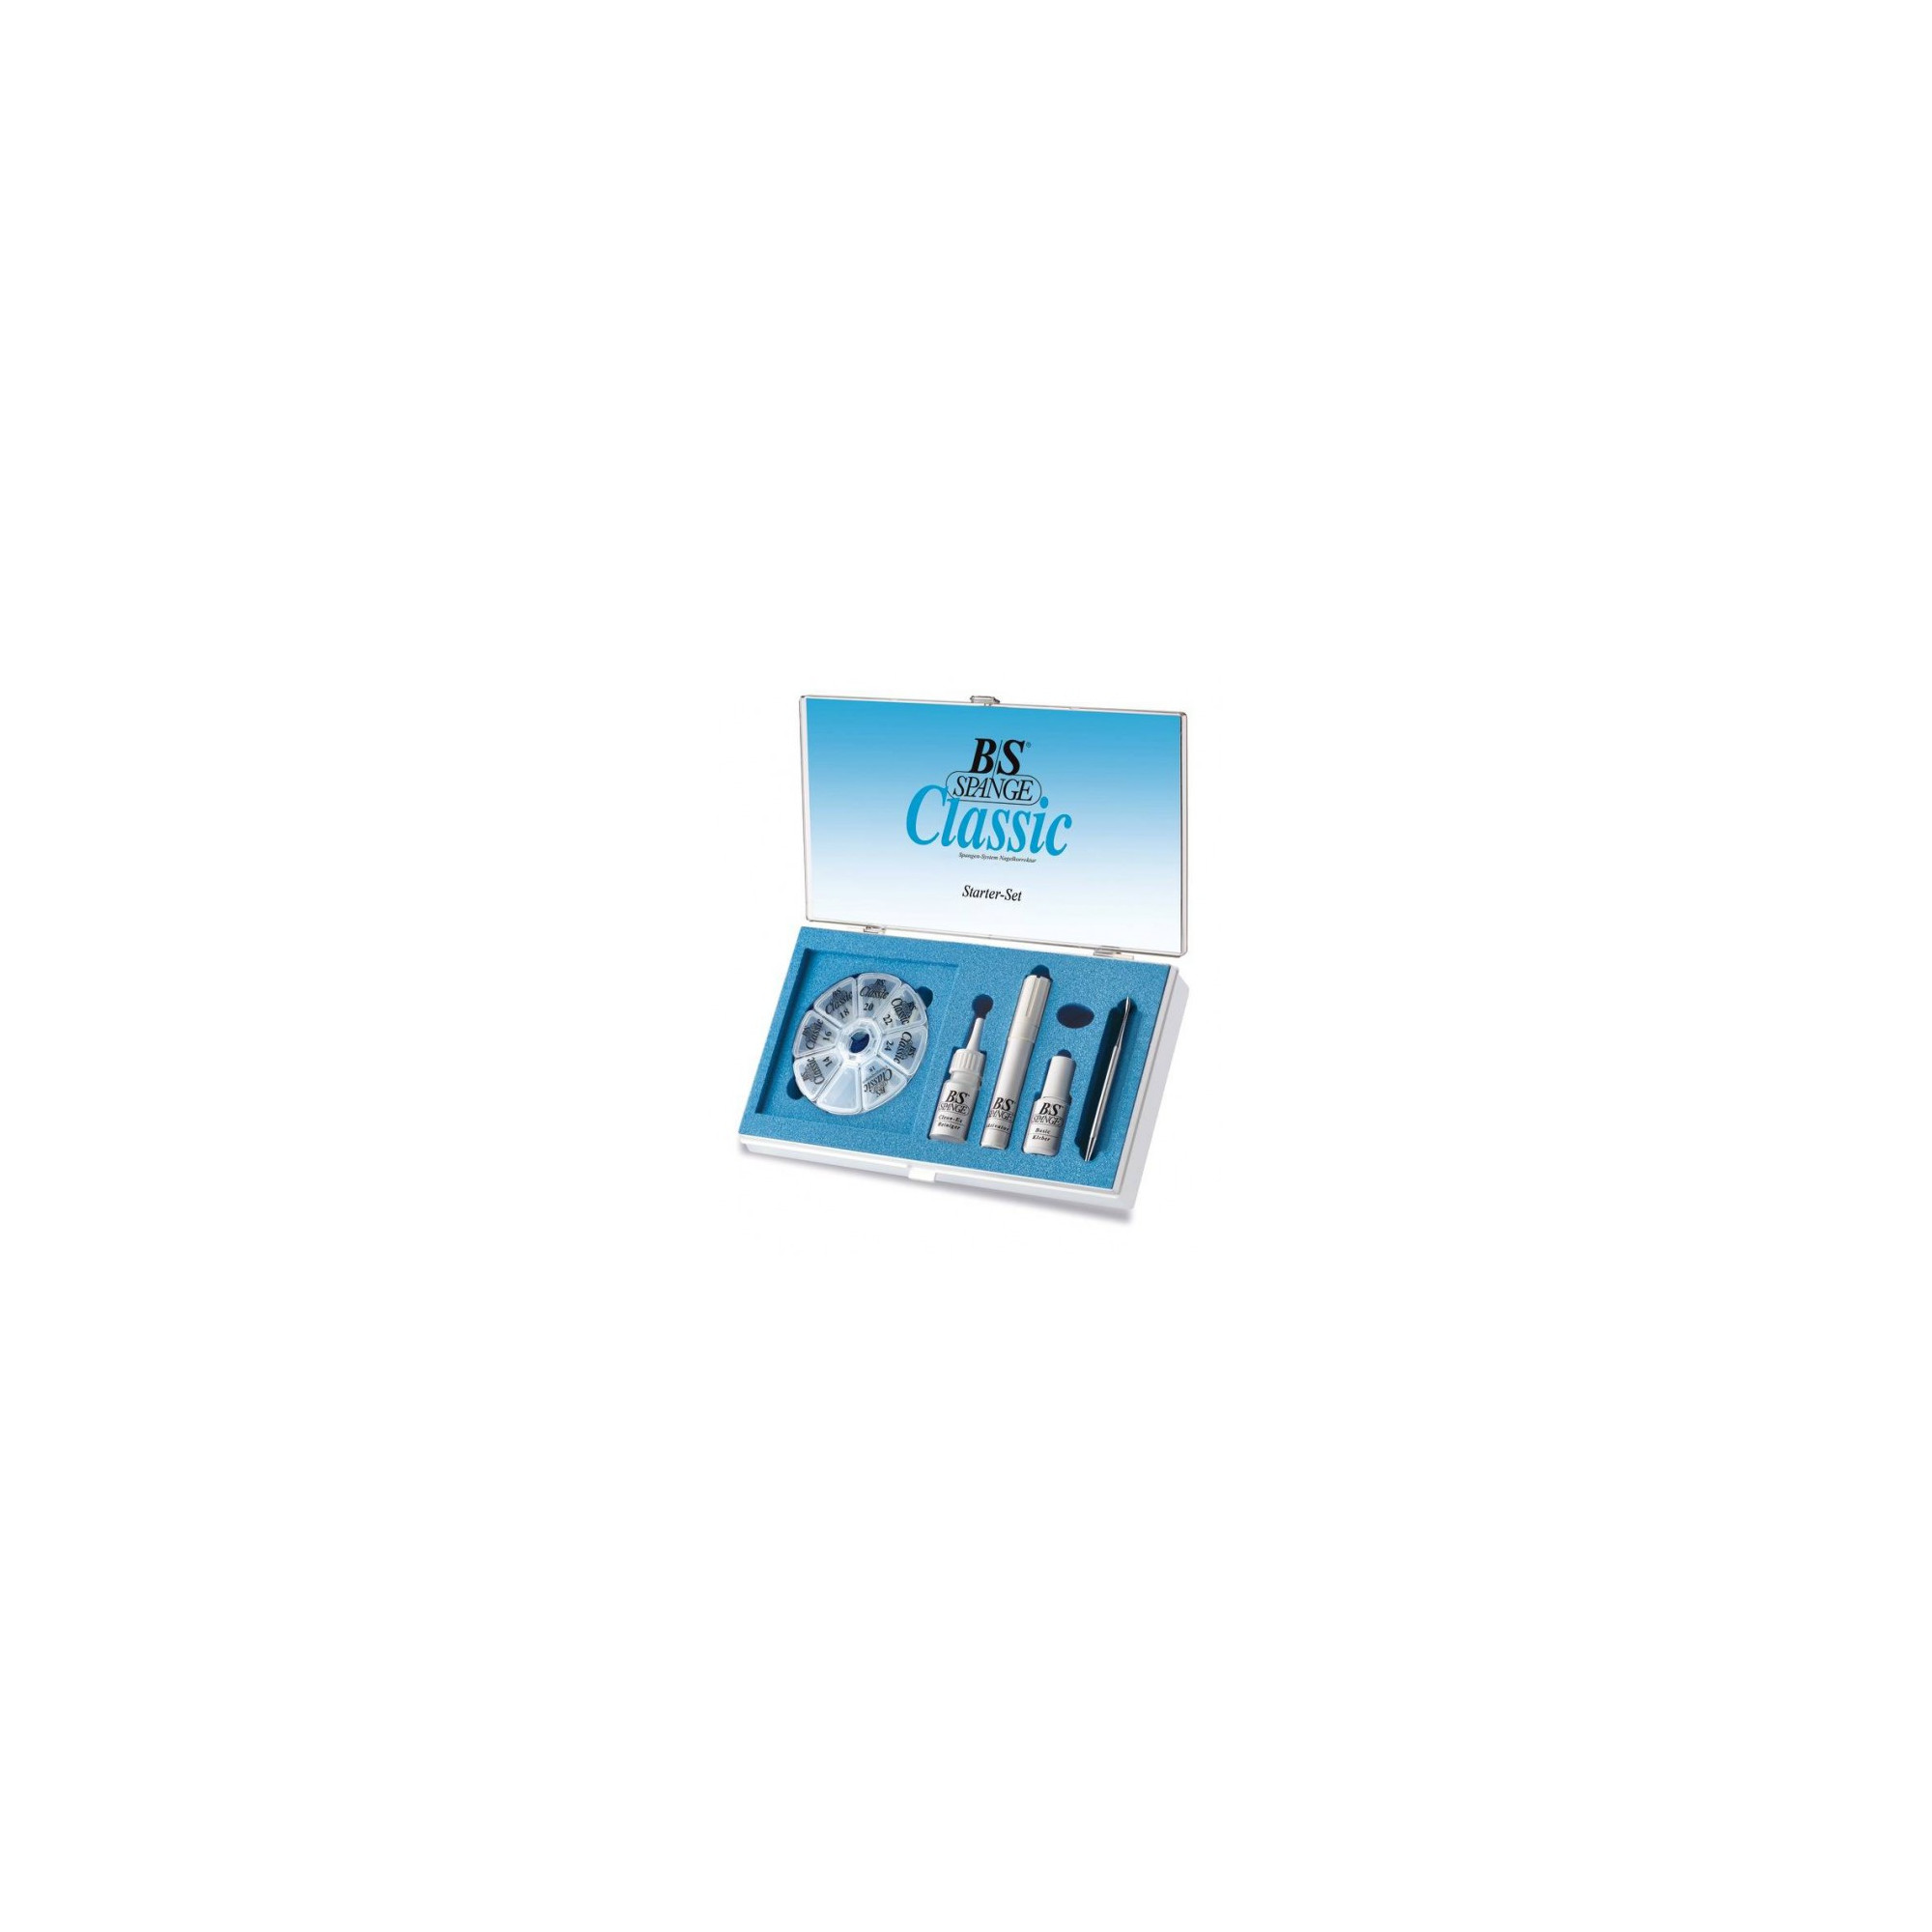 Boîte professionnelle B/S Classique - Starter Set - x40 languettes B/S classqies